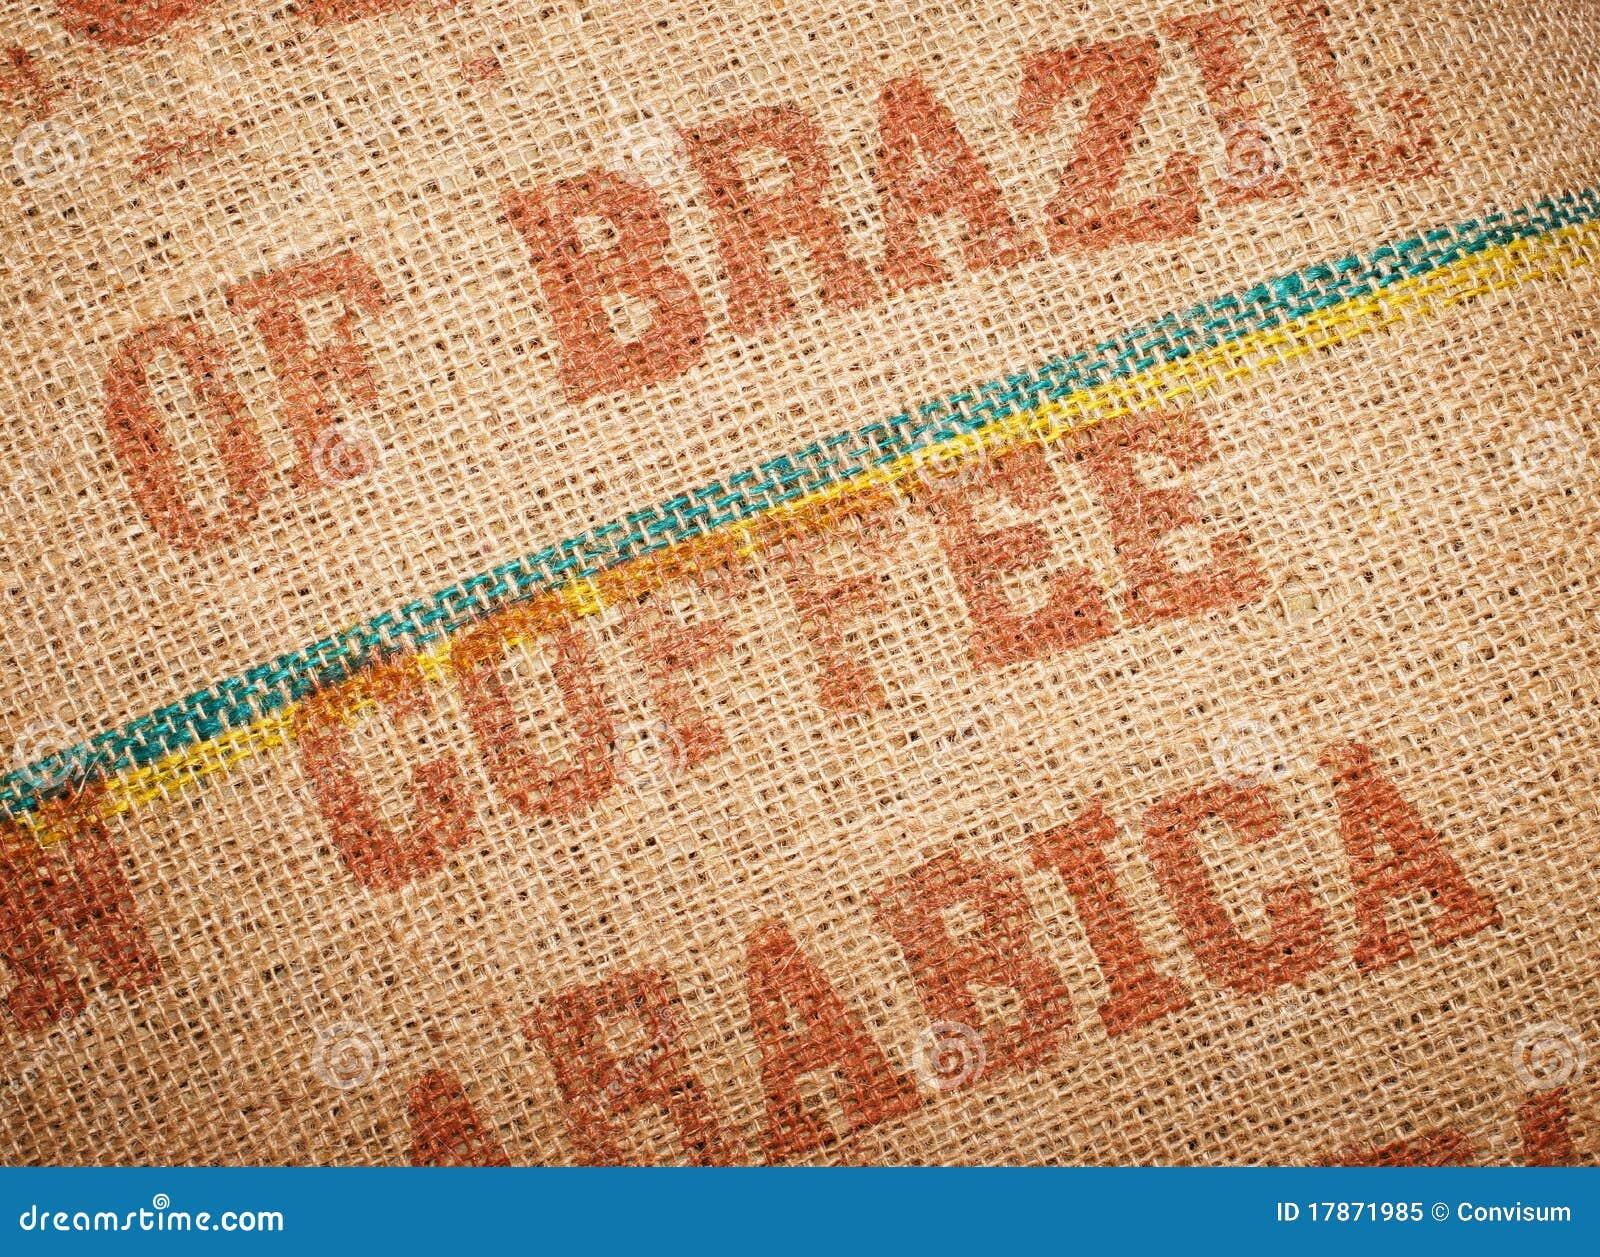 Sacs de grains de caf sur pinterest sacs de caf en - Sac de cafe en grain ...